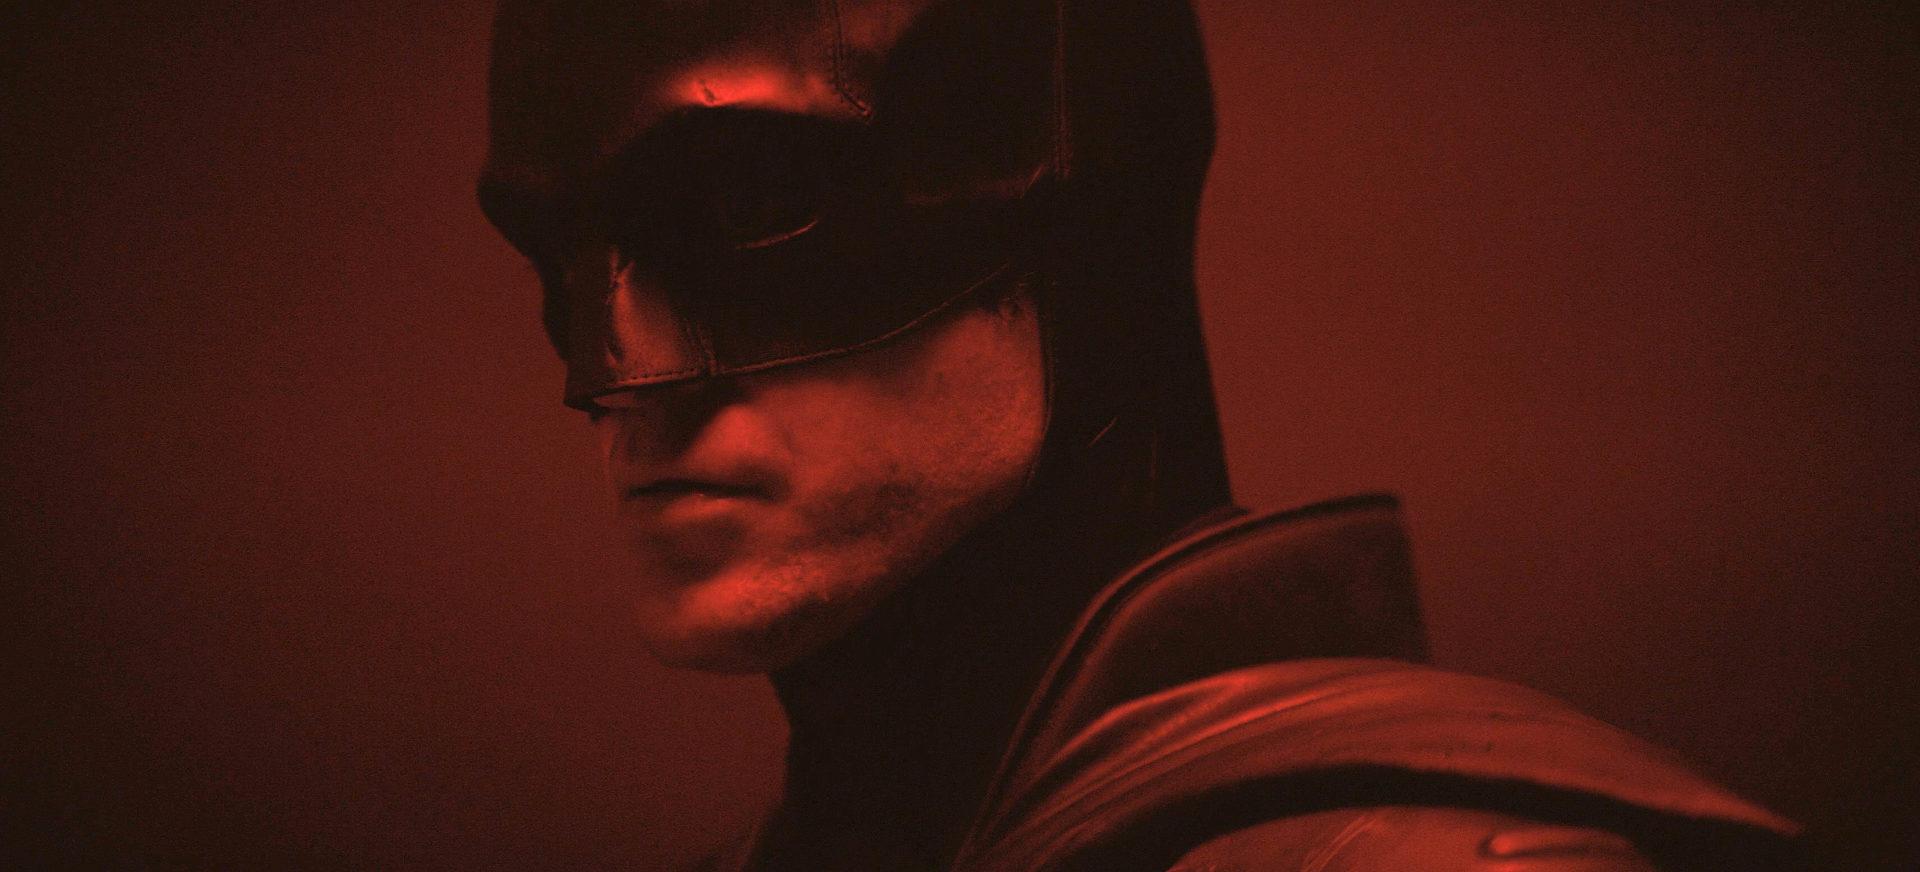 Imagem revela o verdadeiro visual de Robert Pattinson como Batman